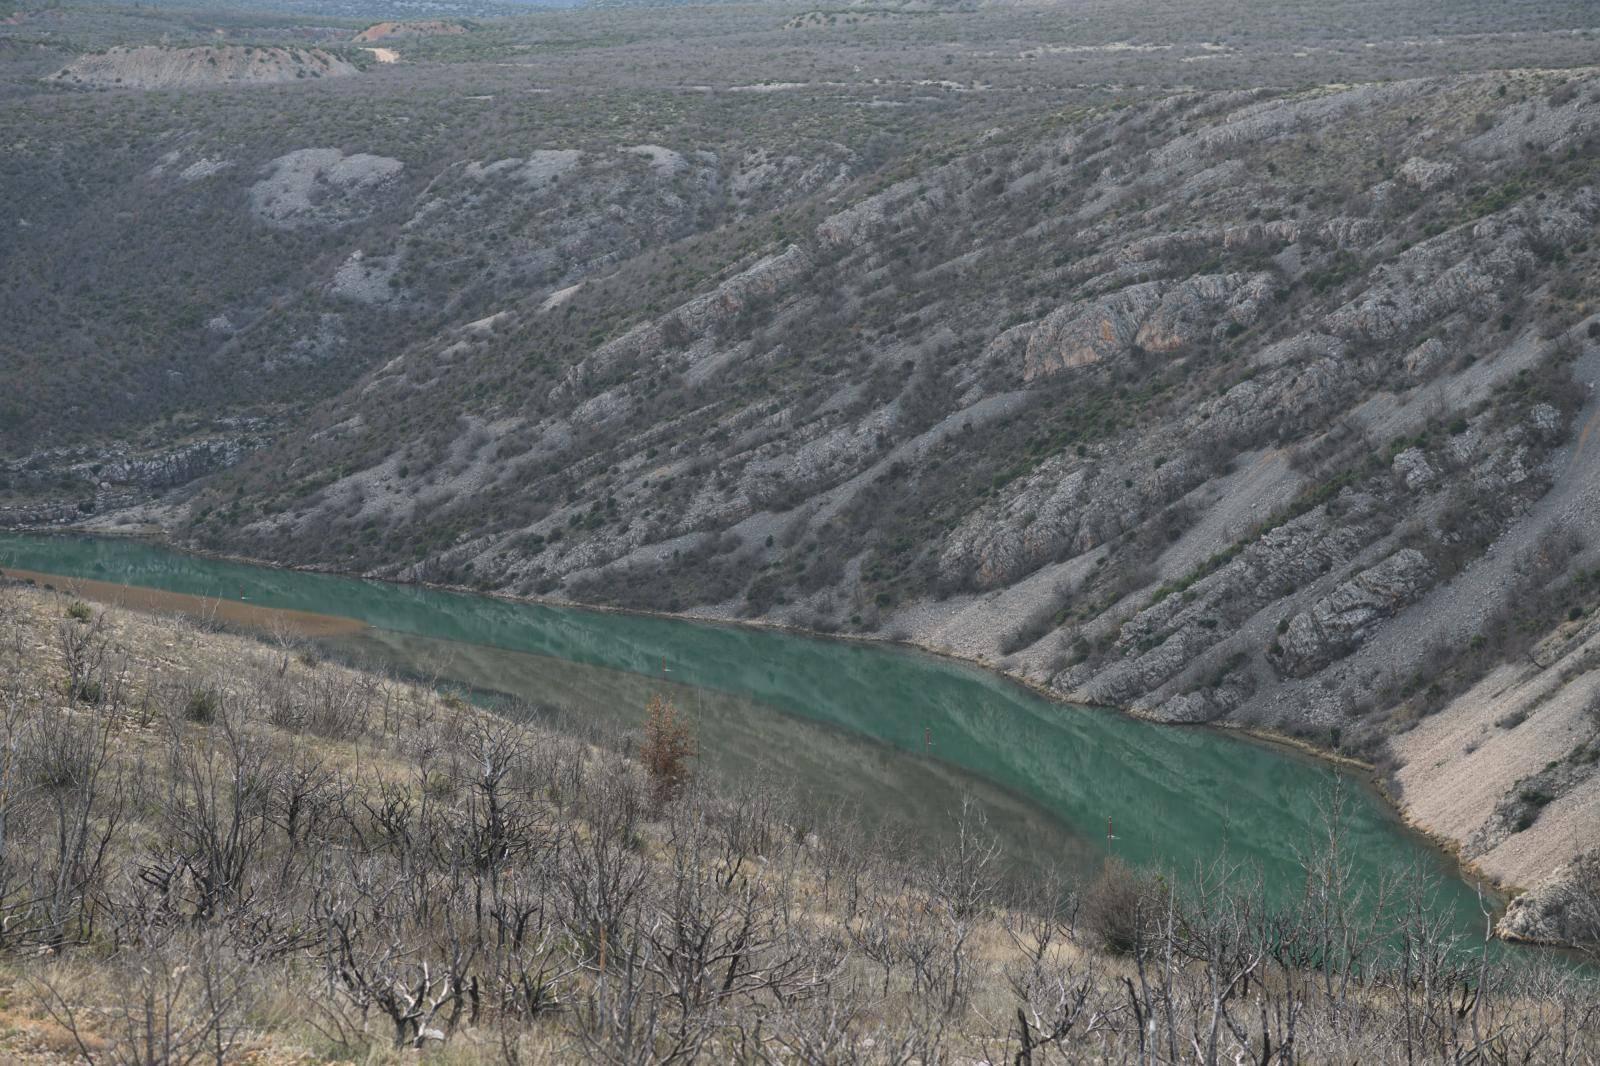 Obrovac: Mazut iz tvornice Glinice izlio se u rijeku Zrmanju